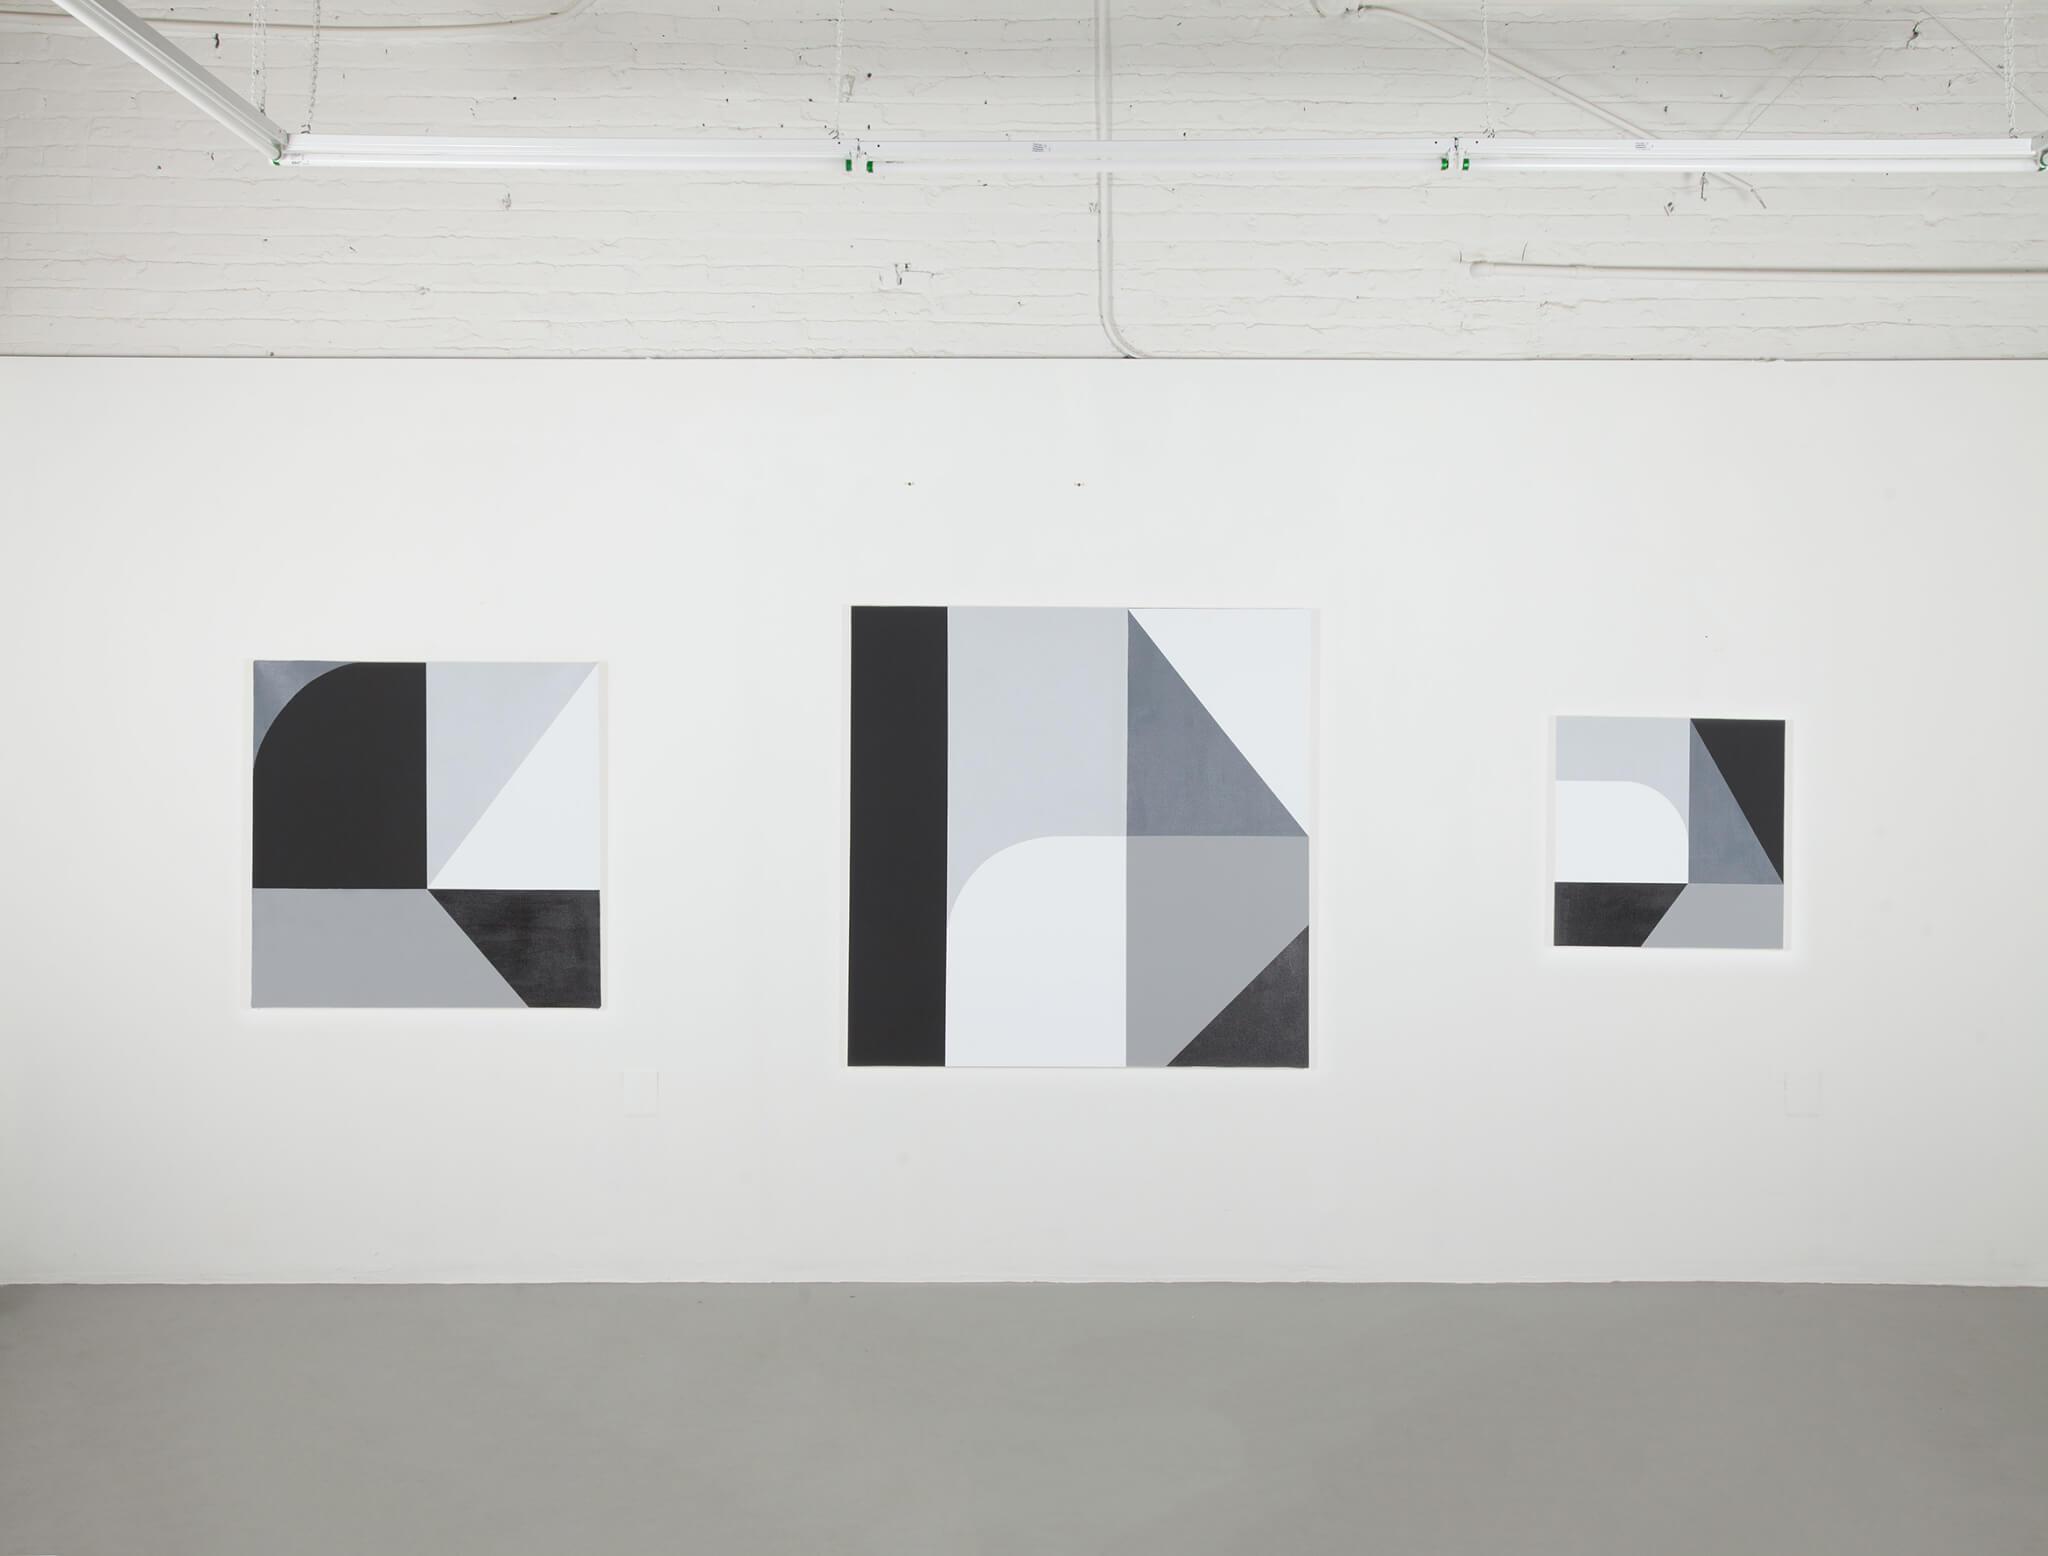 Pintura de Chad en grises